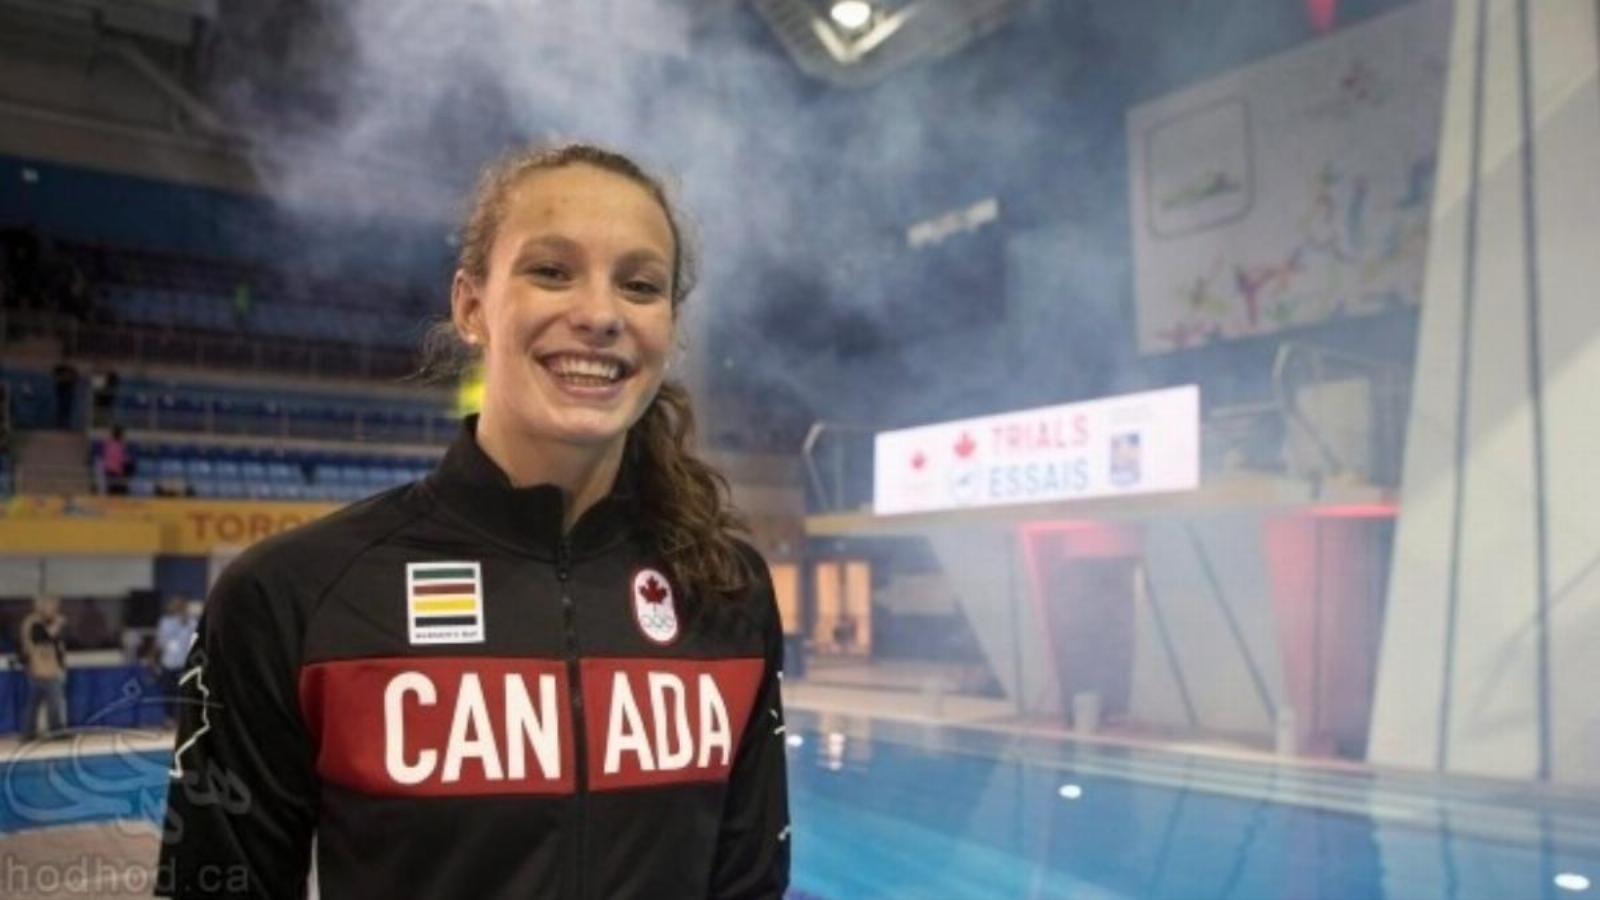 مدالی دیگر برای کانادا در المپیک ریو : خانم های کانادایی همچنان افتخارآفرینی میکنند!